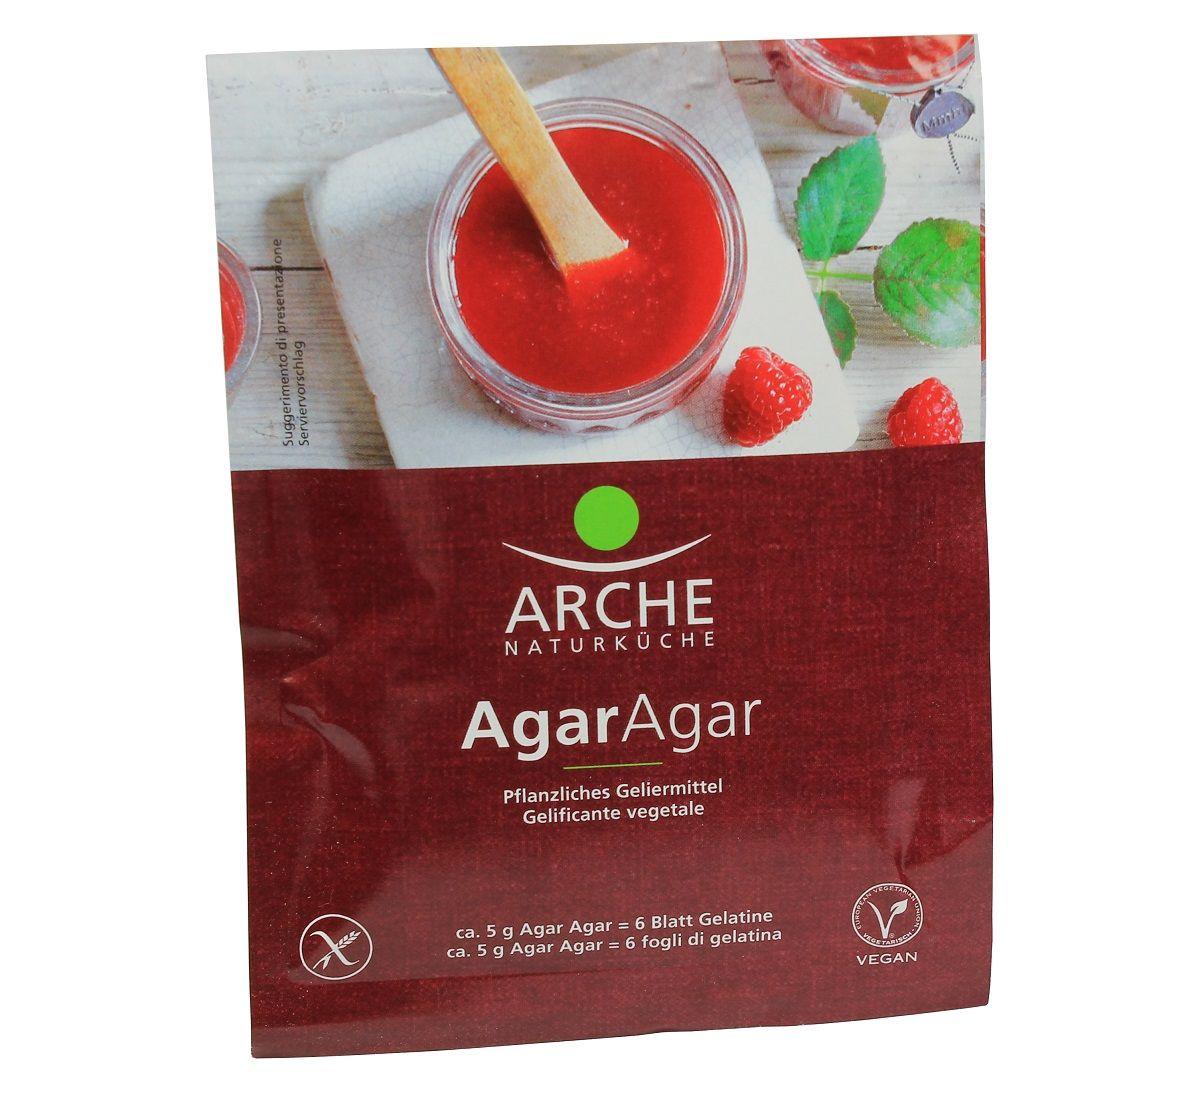 Arche agar agar 30 g